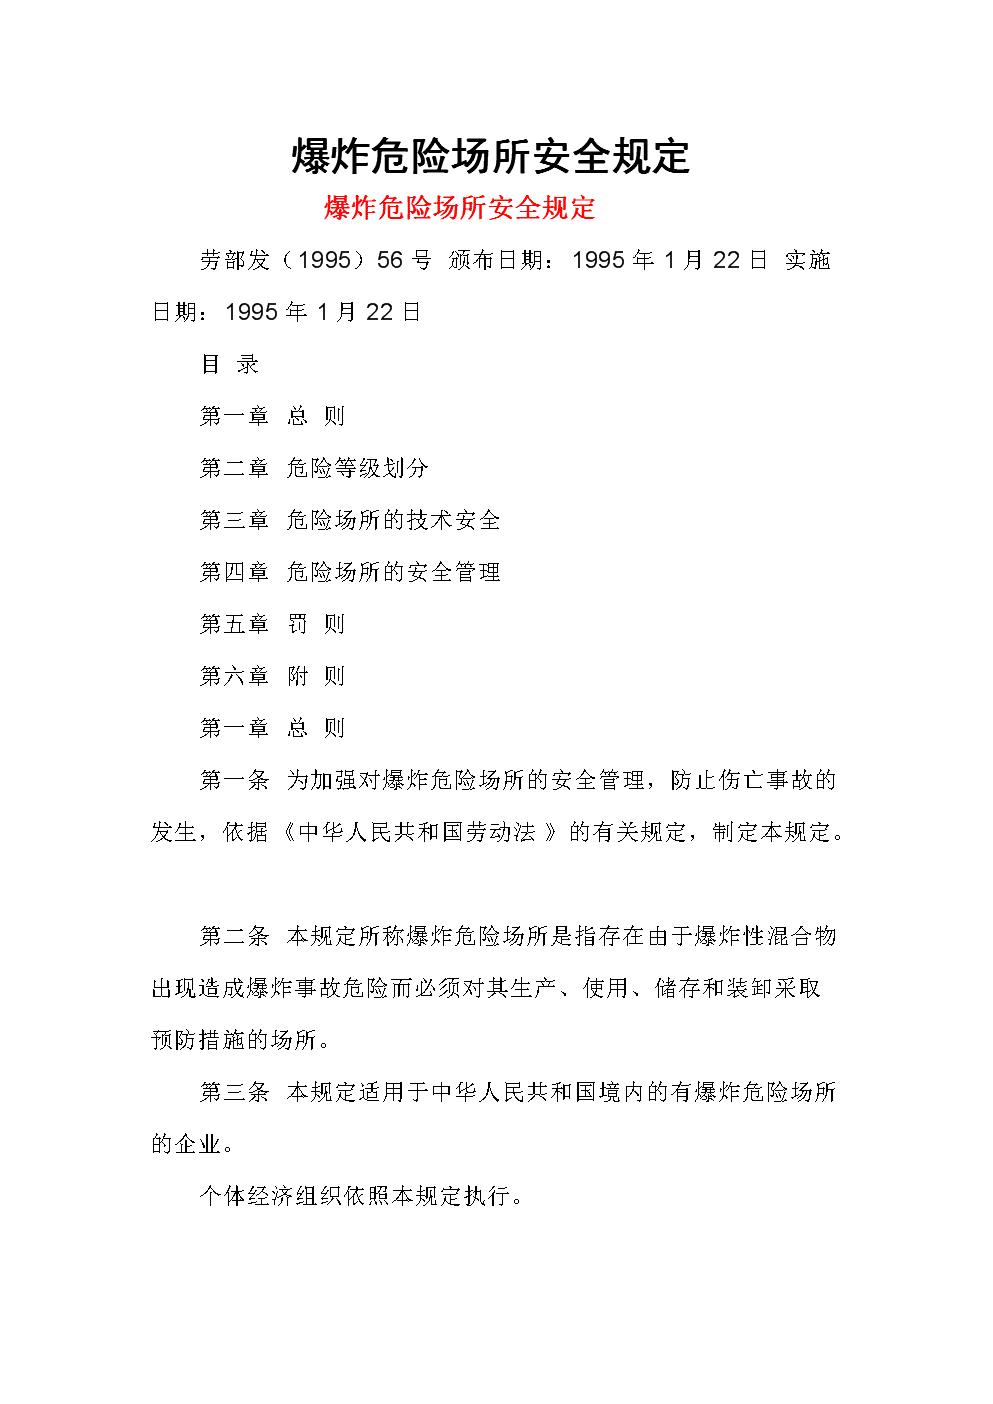 02baozha危险场所安全规定.doc